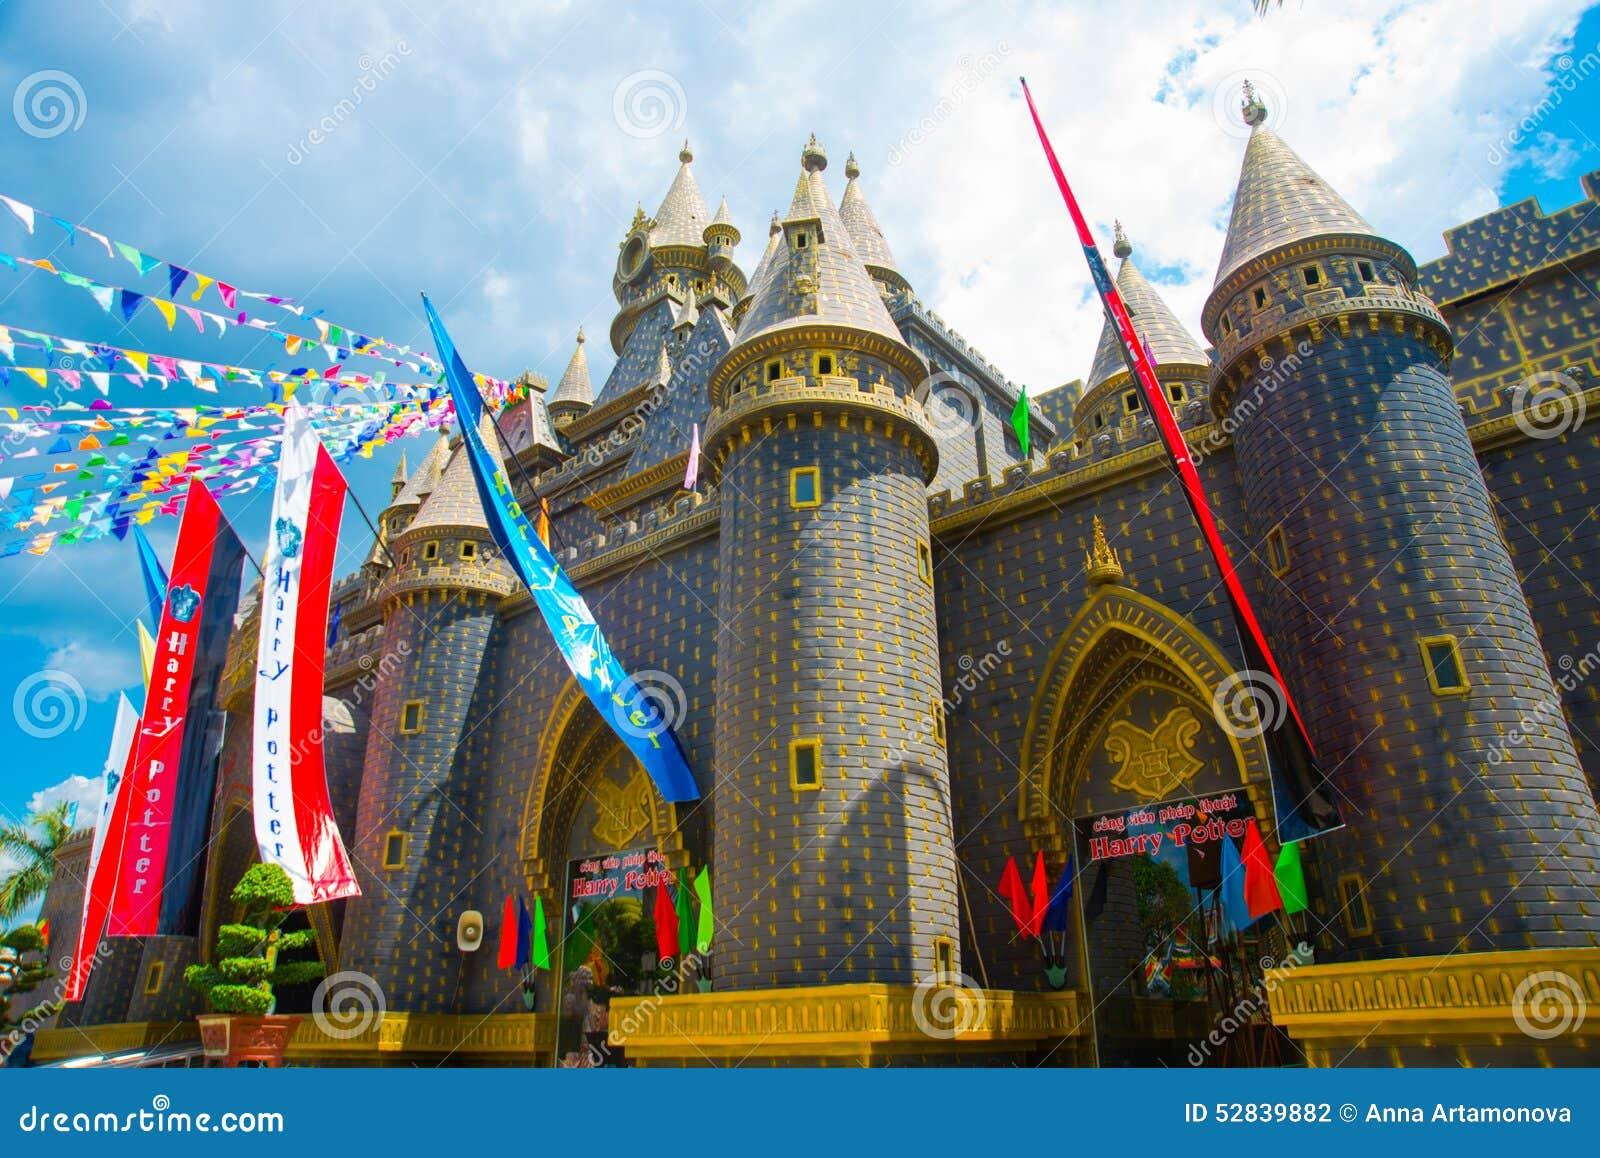 O castelo velho em um parque de diversões O castelo bonito de Harry Potter